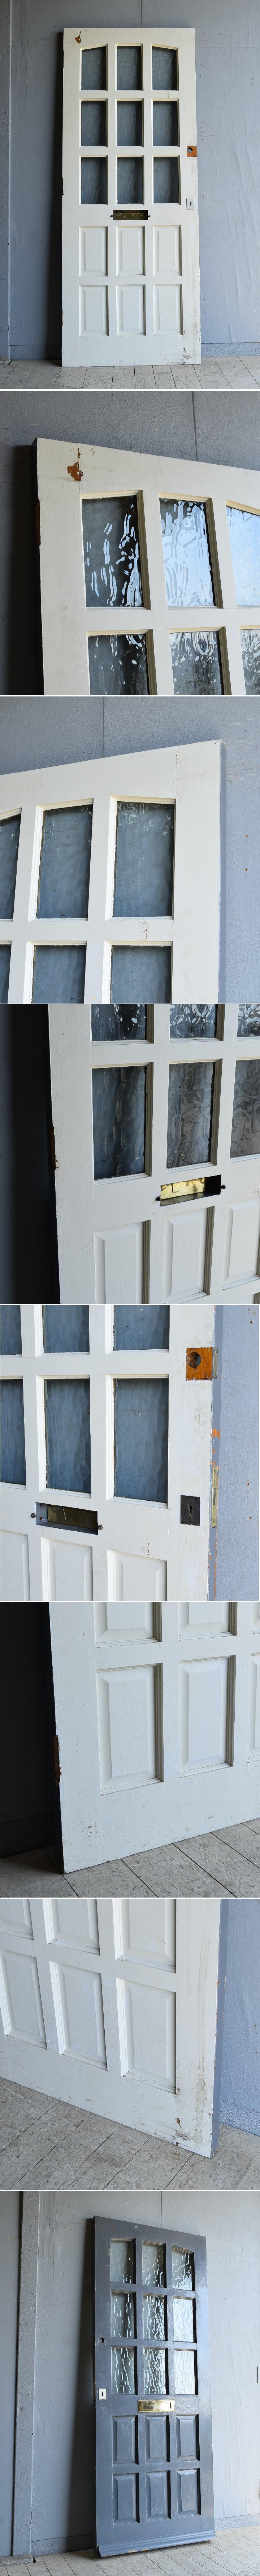 イギリス アンティーク ドア 扉 建具 8256